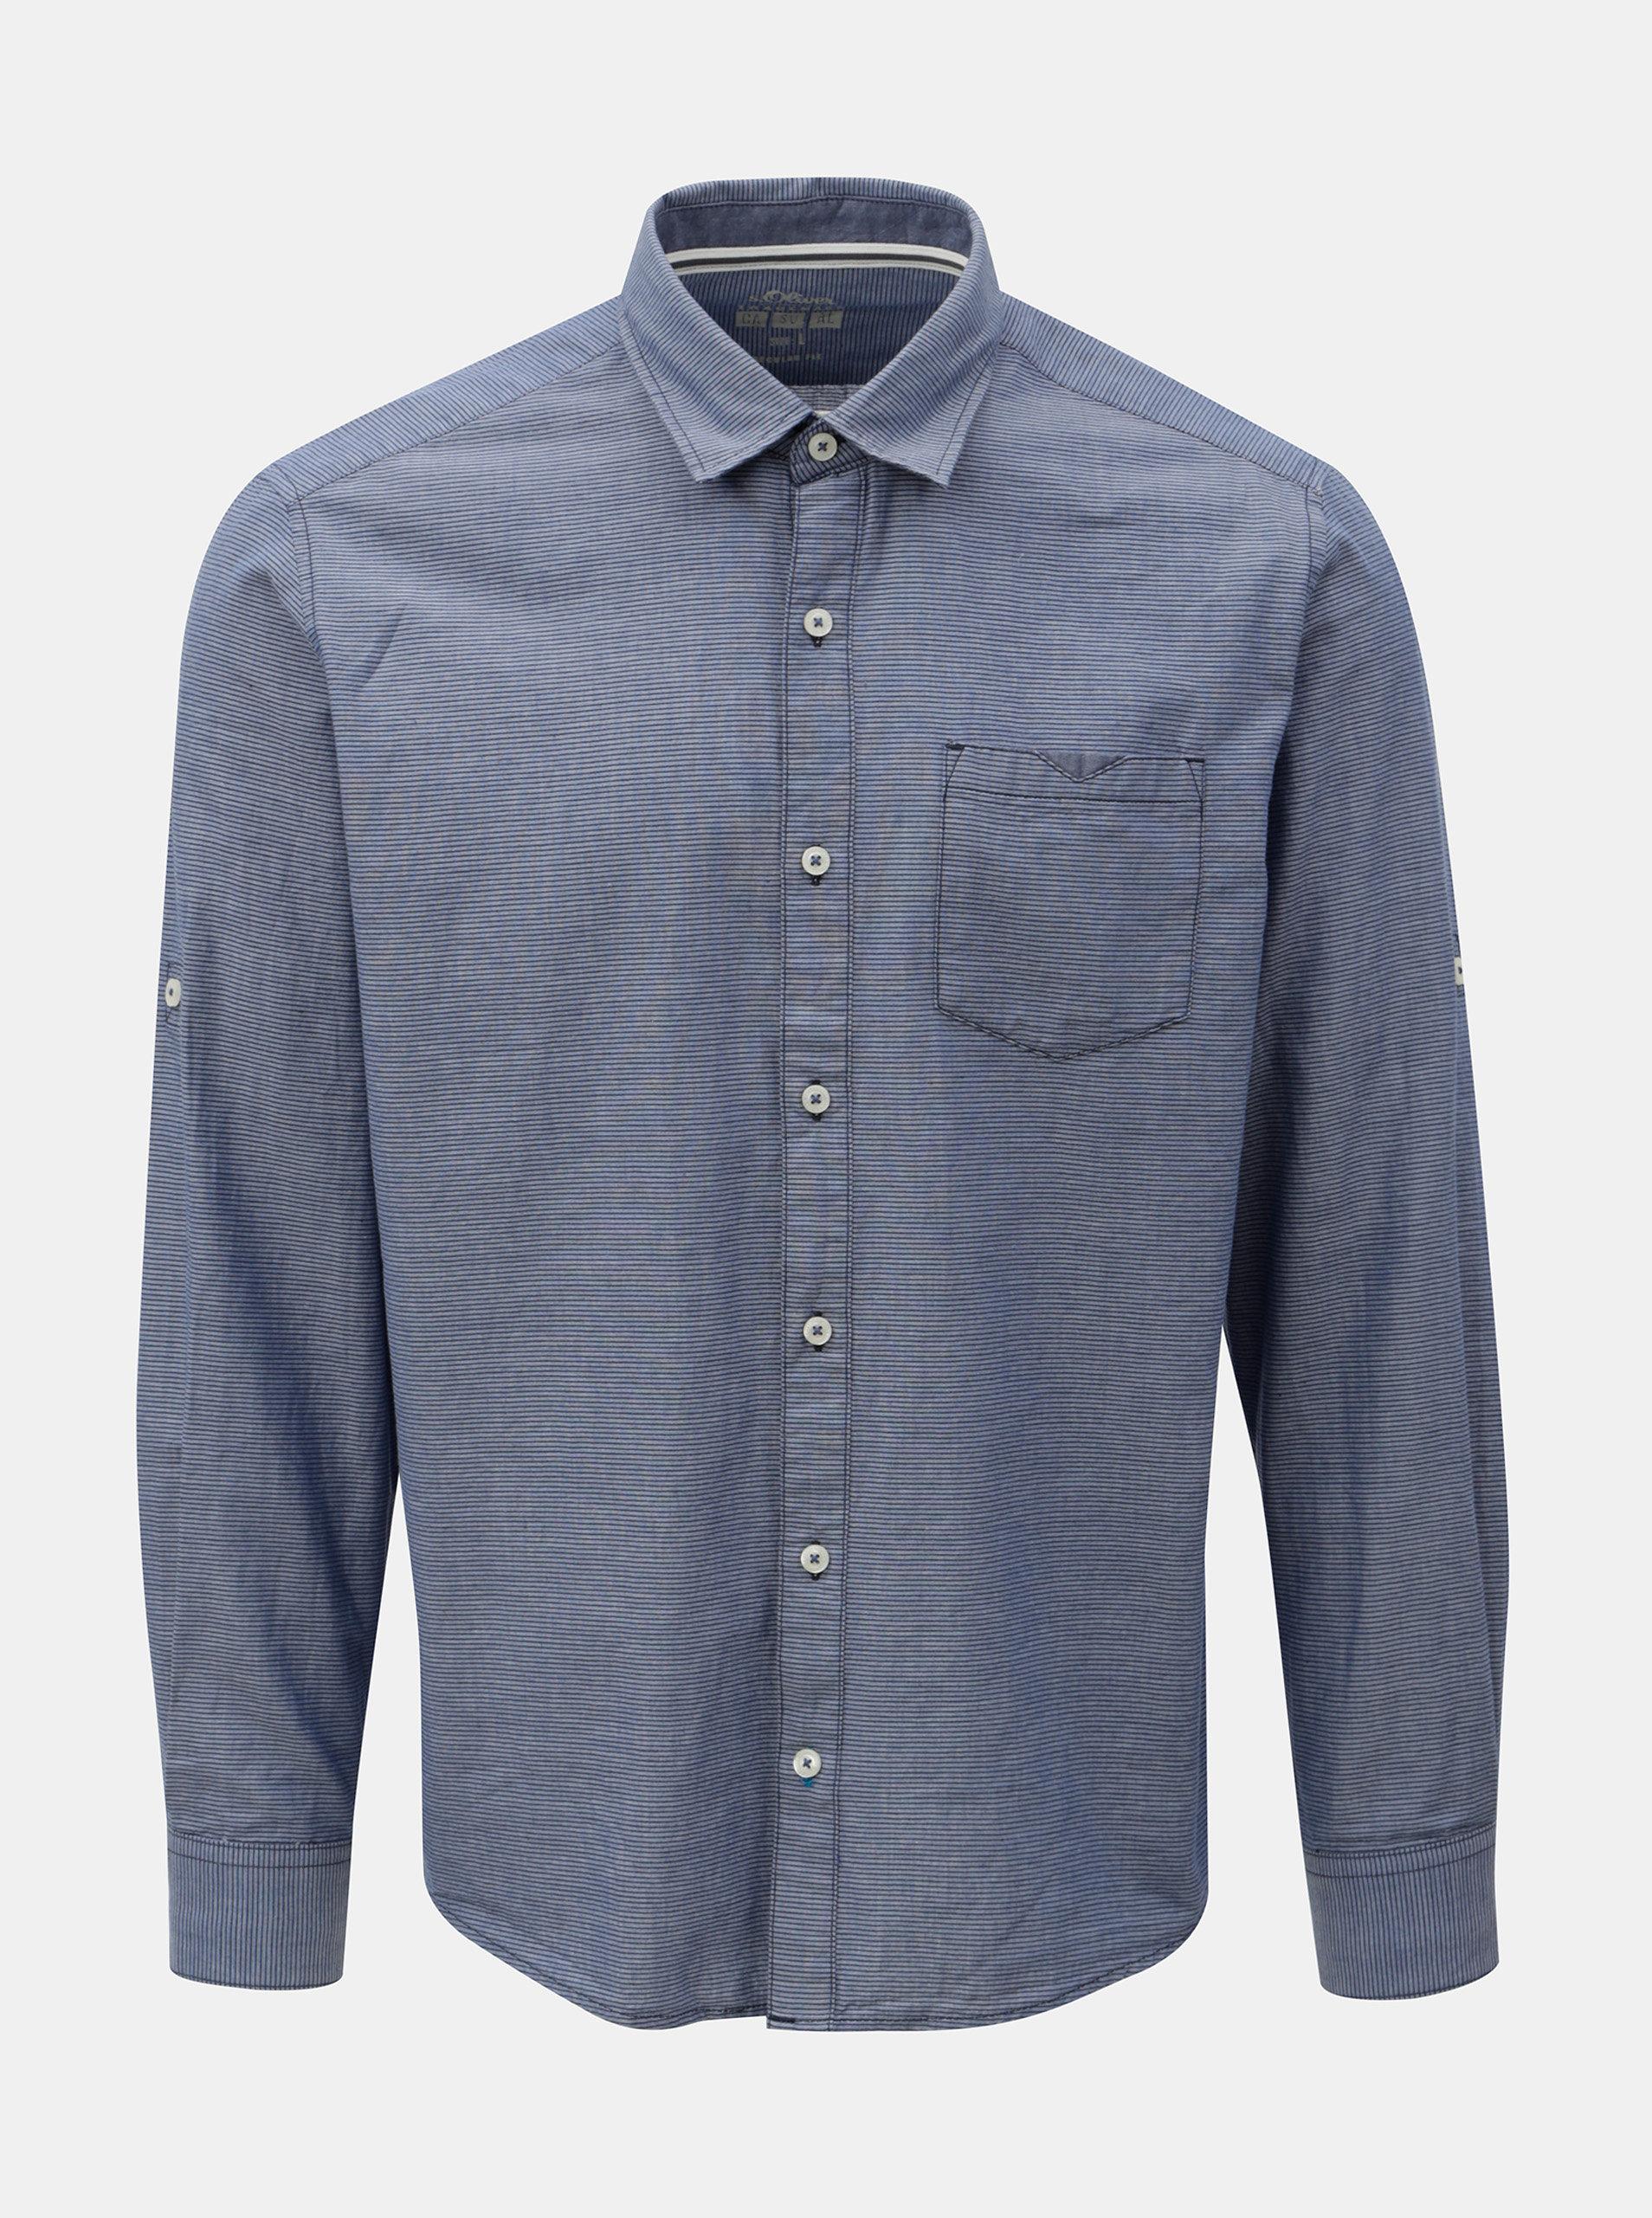 Modrá pánská pruhovaná regular fit košile s.Oliver